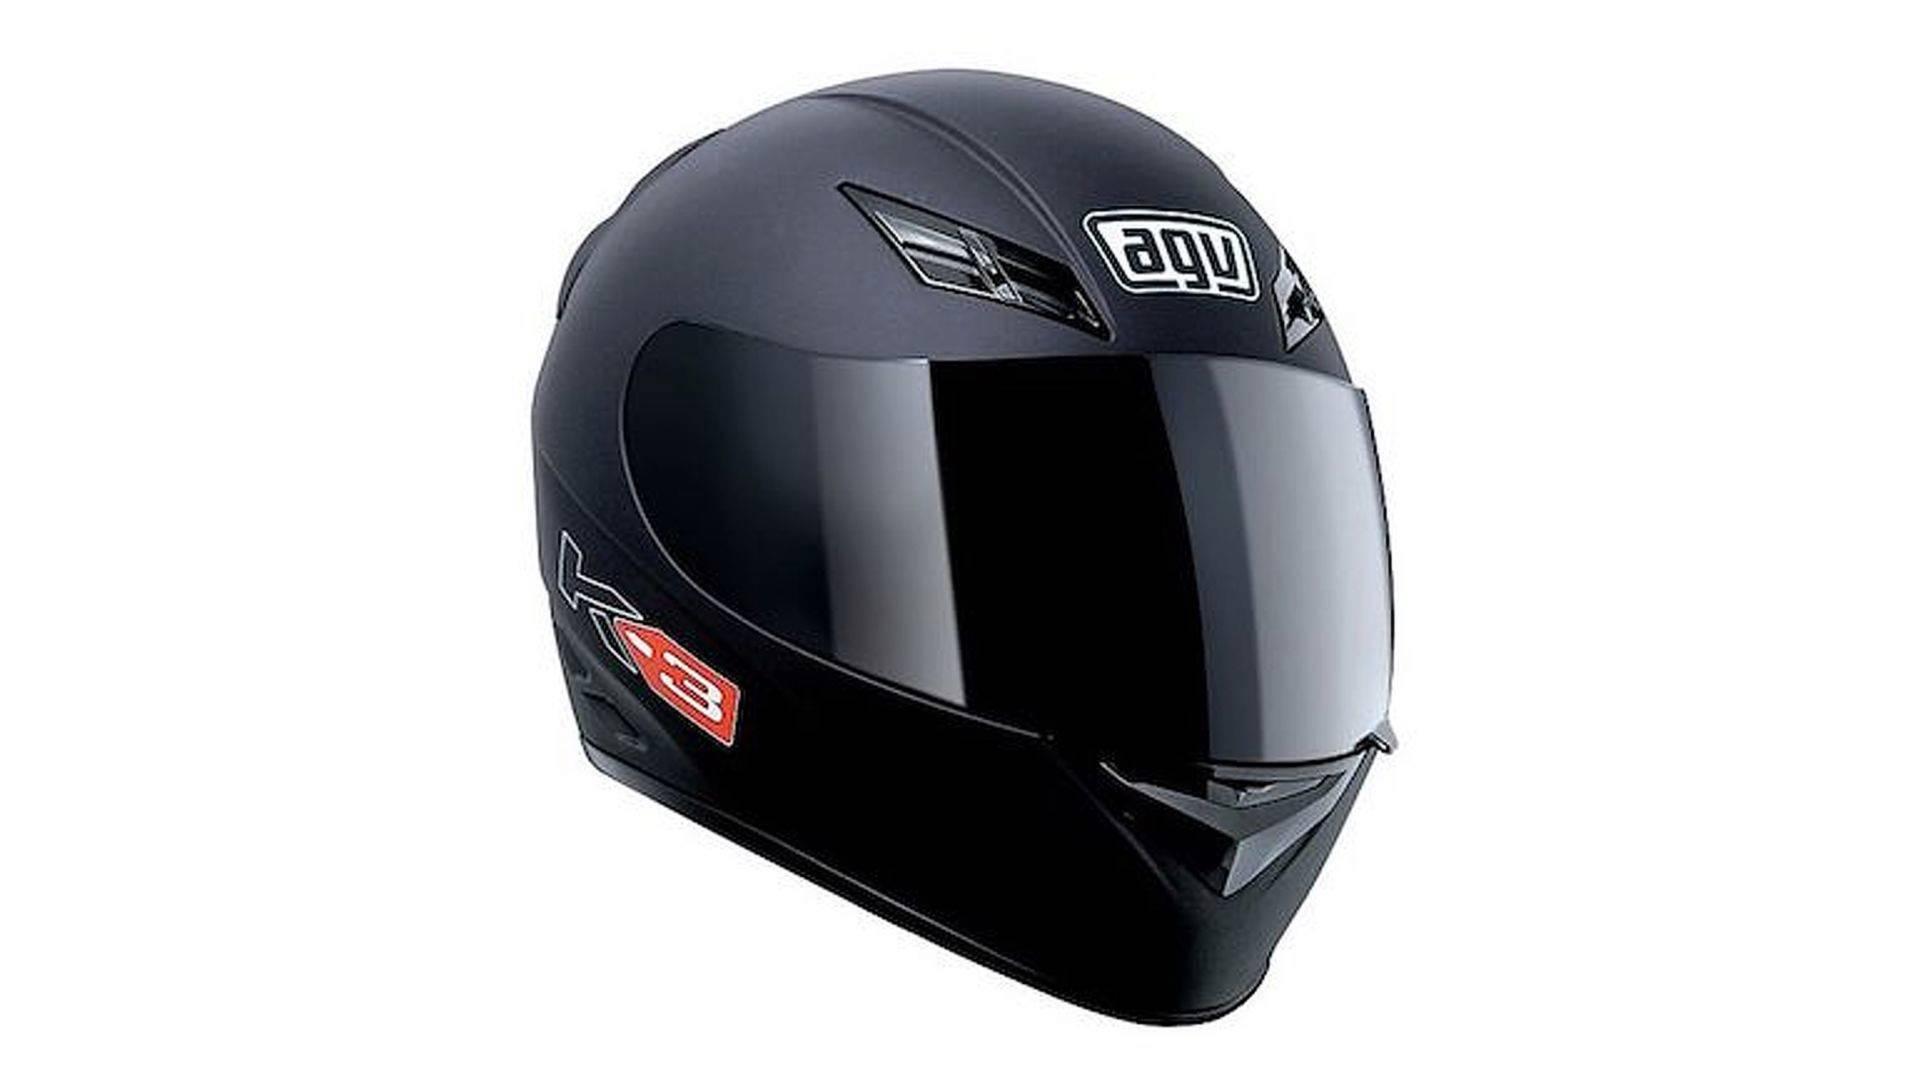 Safest Motorcycle Helmet >> Five Safest Helmets For Under 200